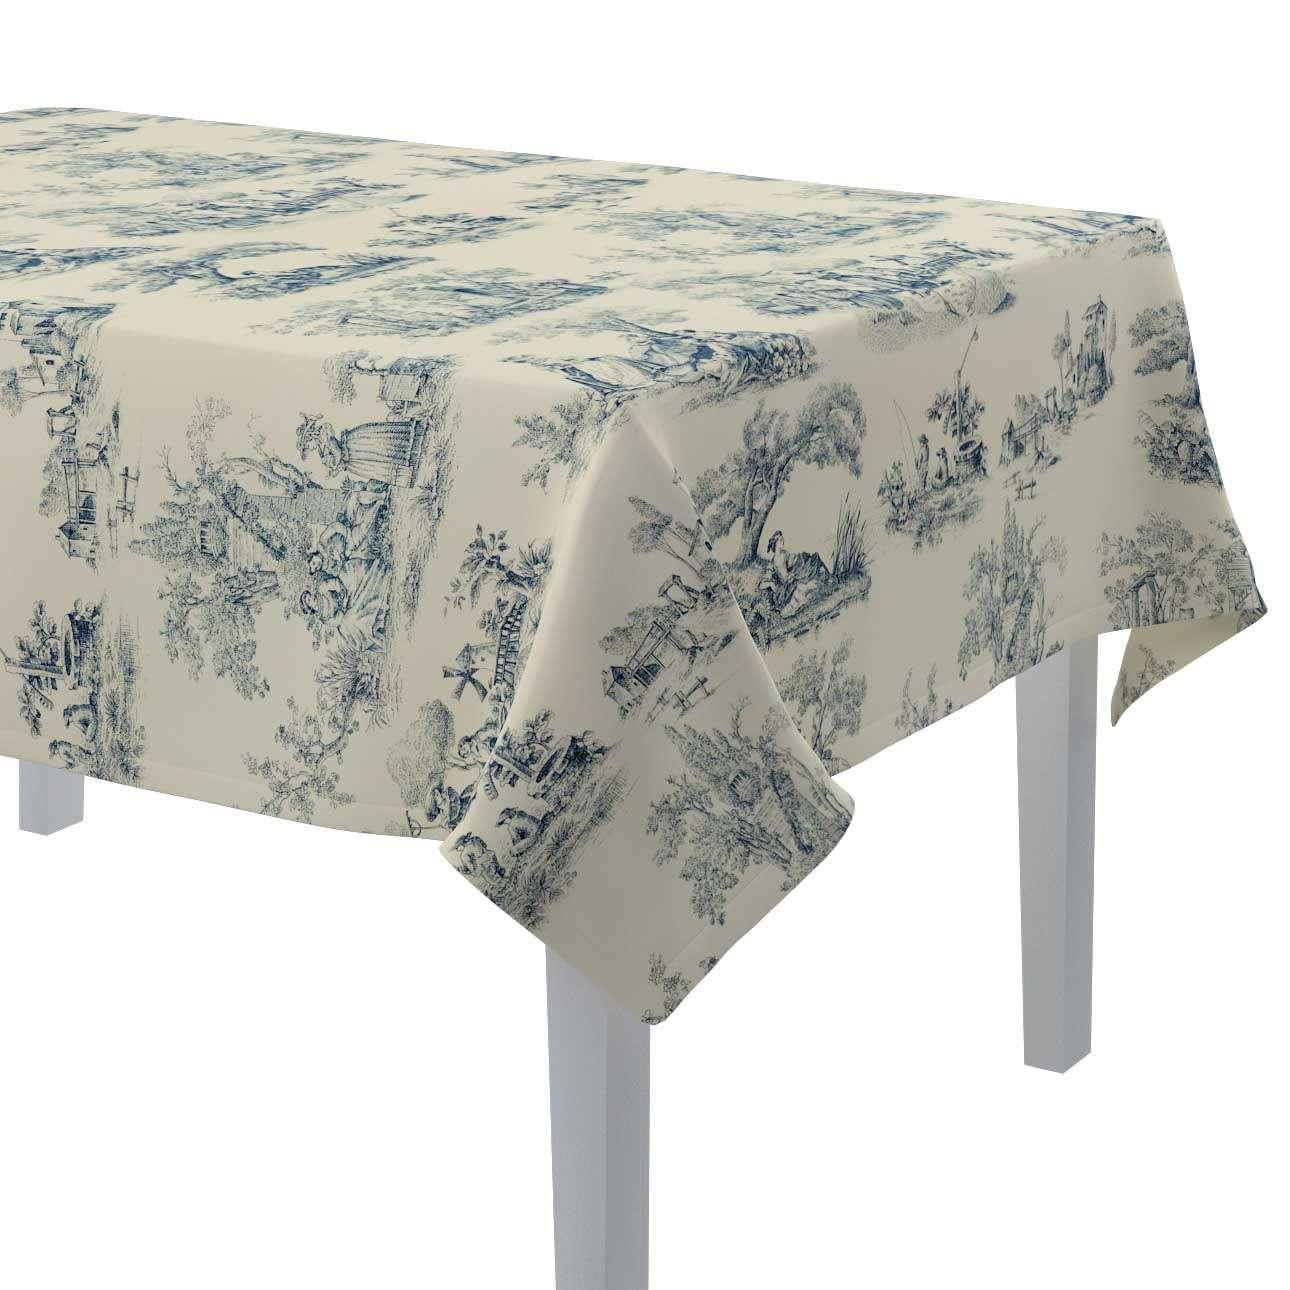 Rechteckige Tischdecke 130 x 130 cm von der Kollektion Avinon, Stoff: 132-66